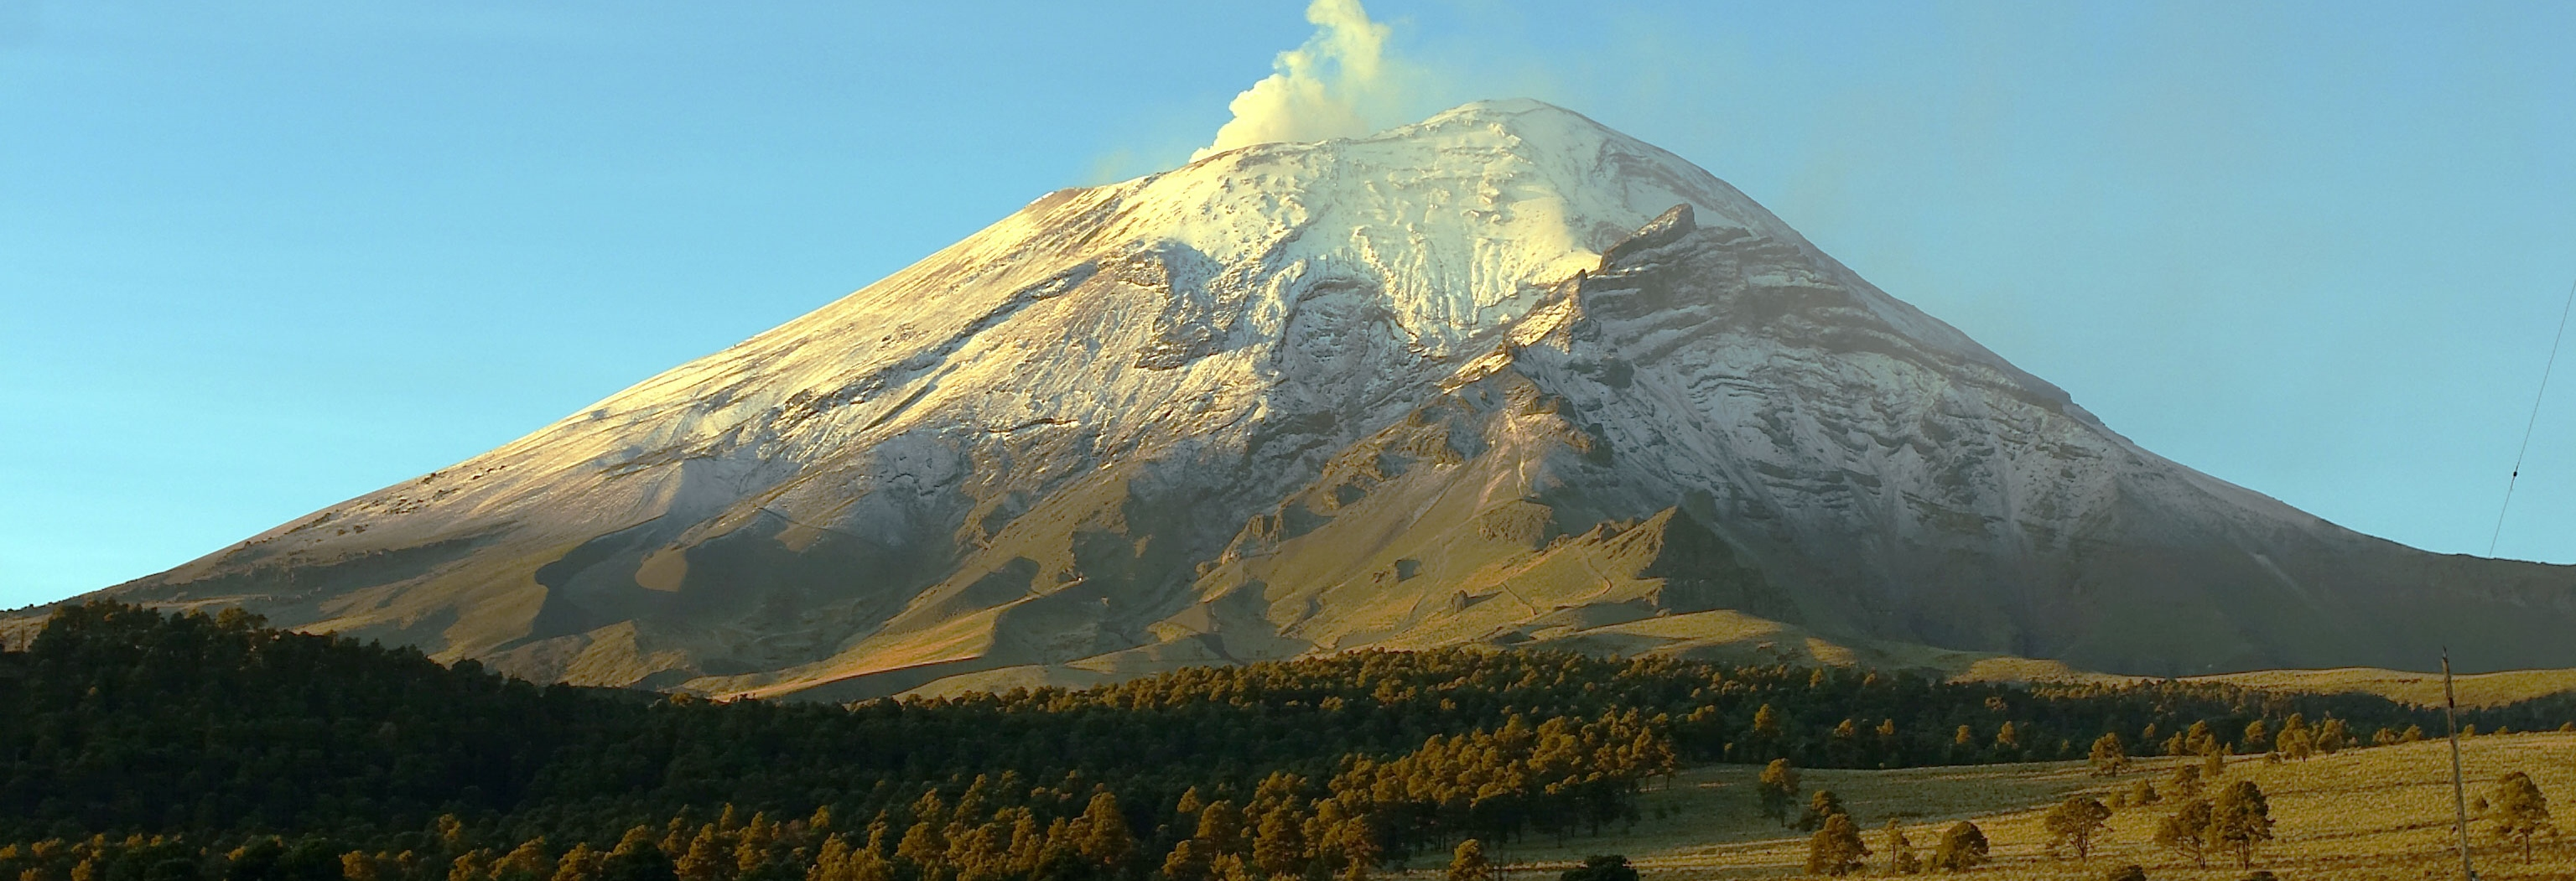 Tetela del Volcán